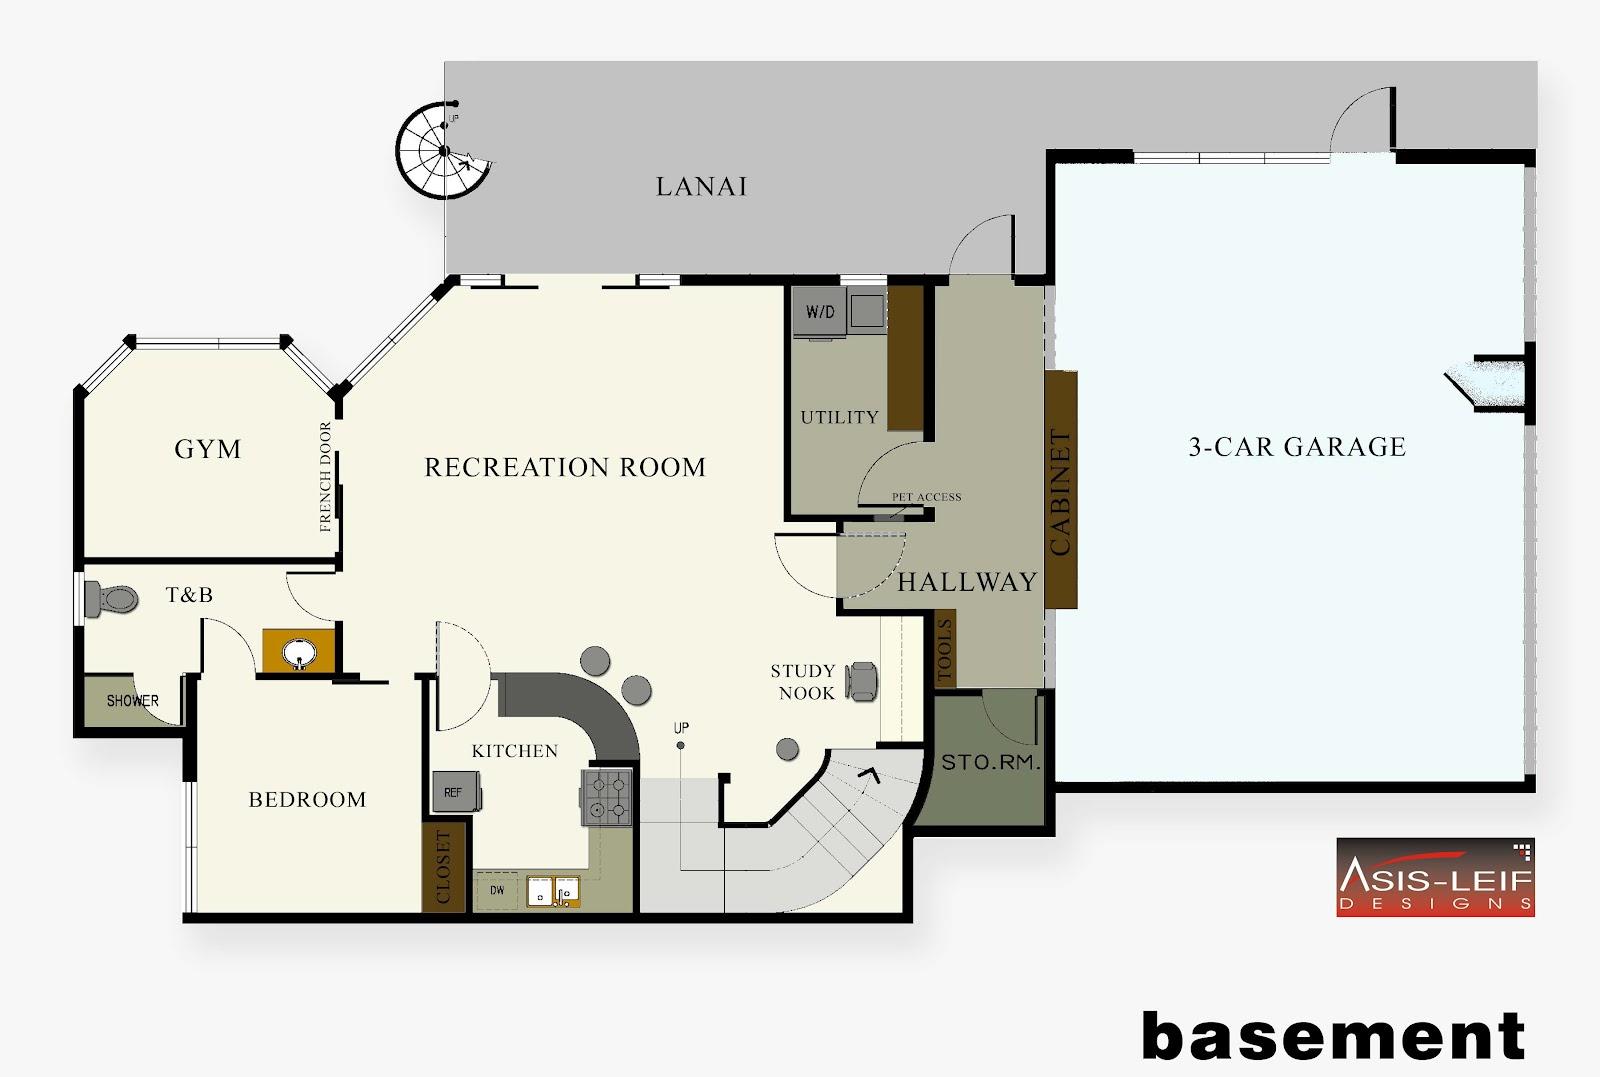 20 Artistic Basement Plans Layout Home Building Plans